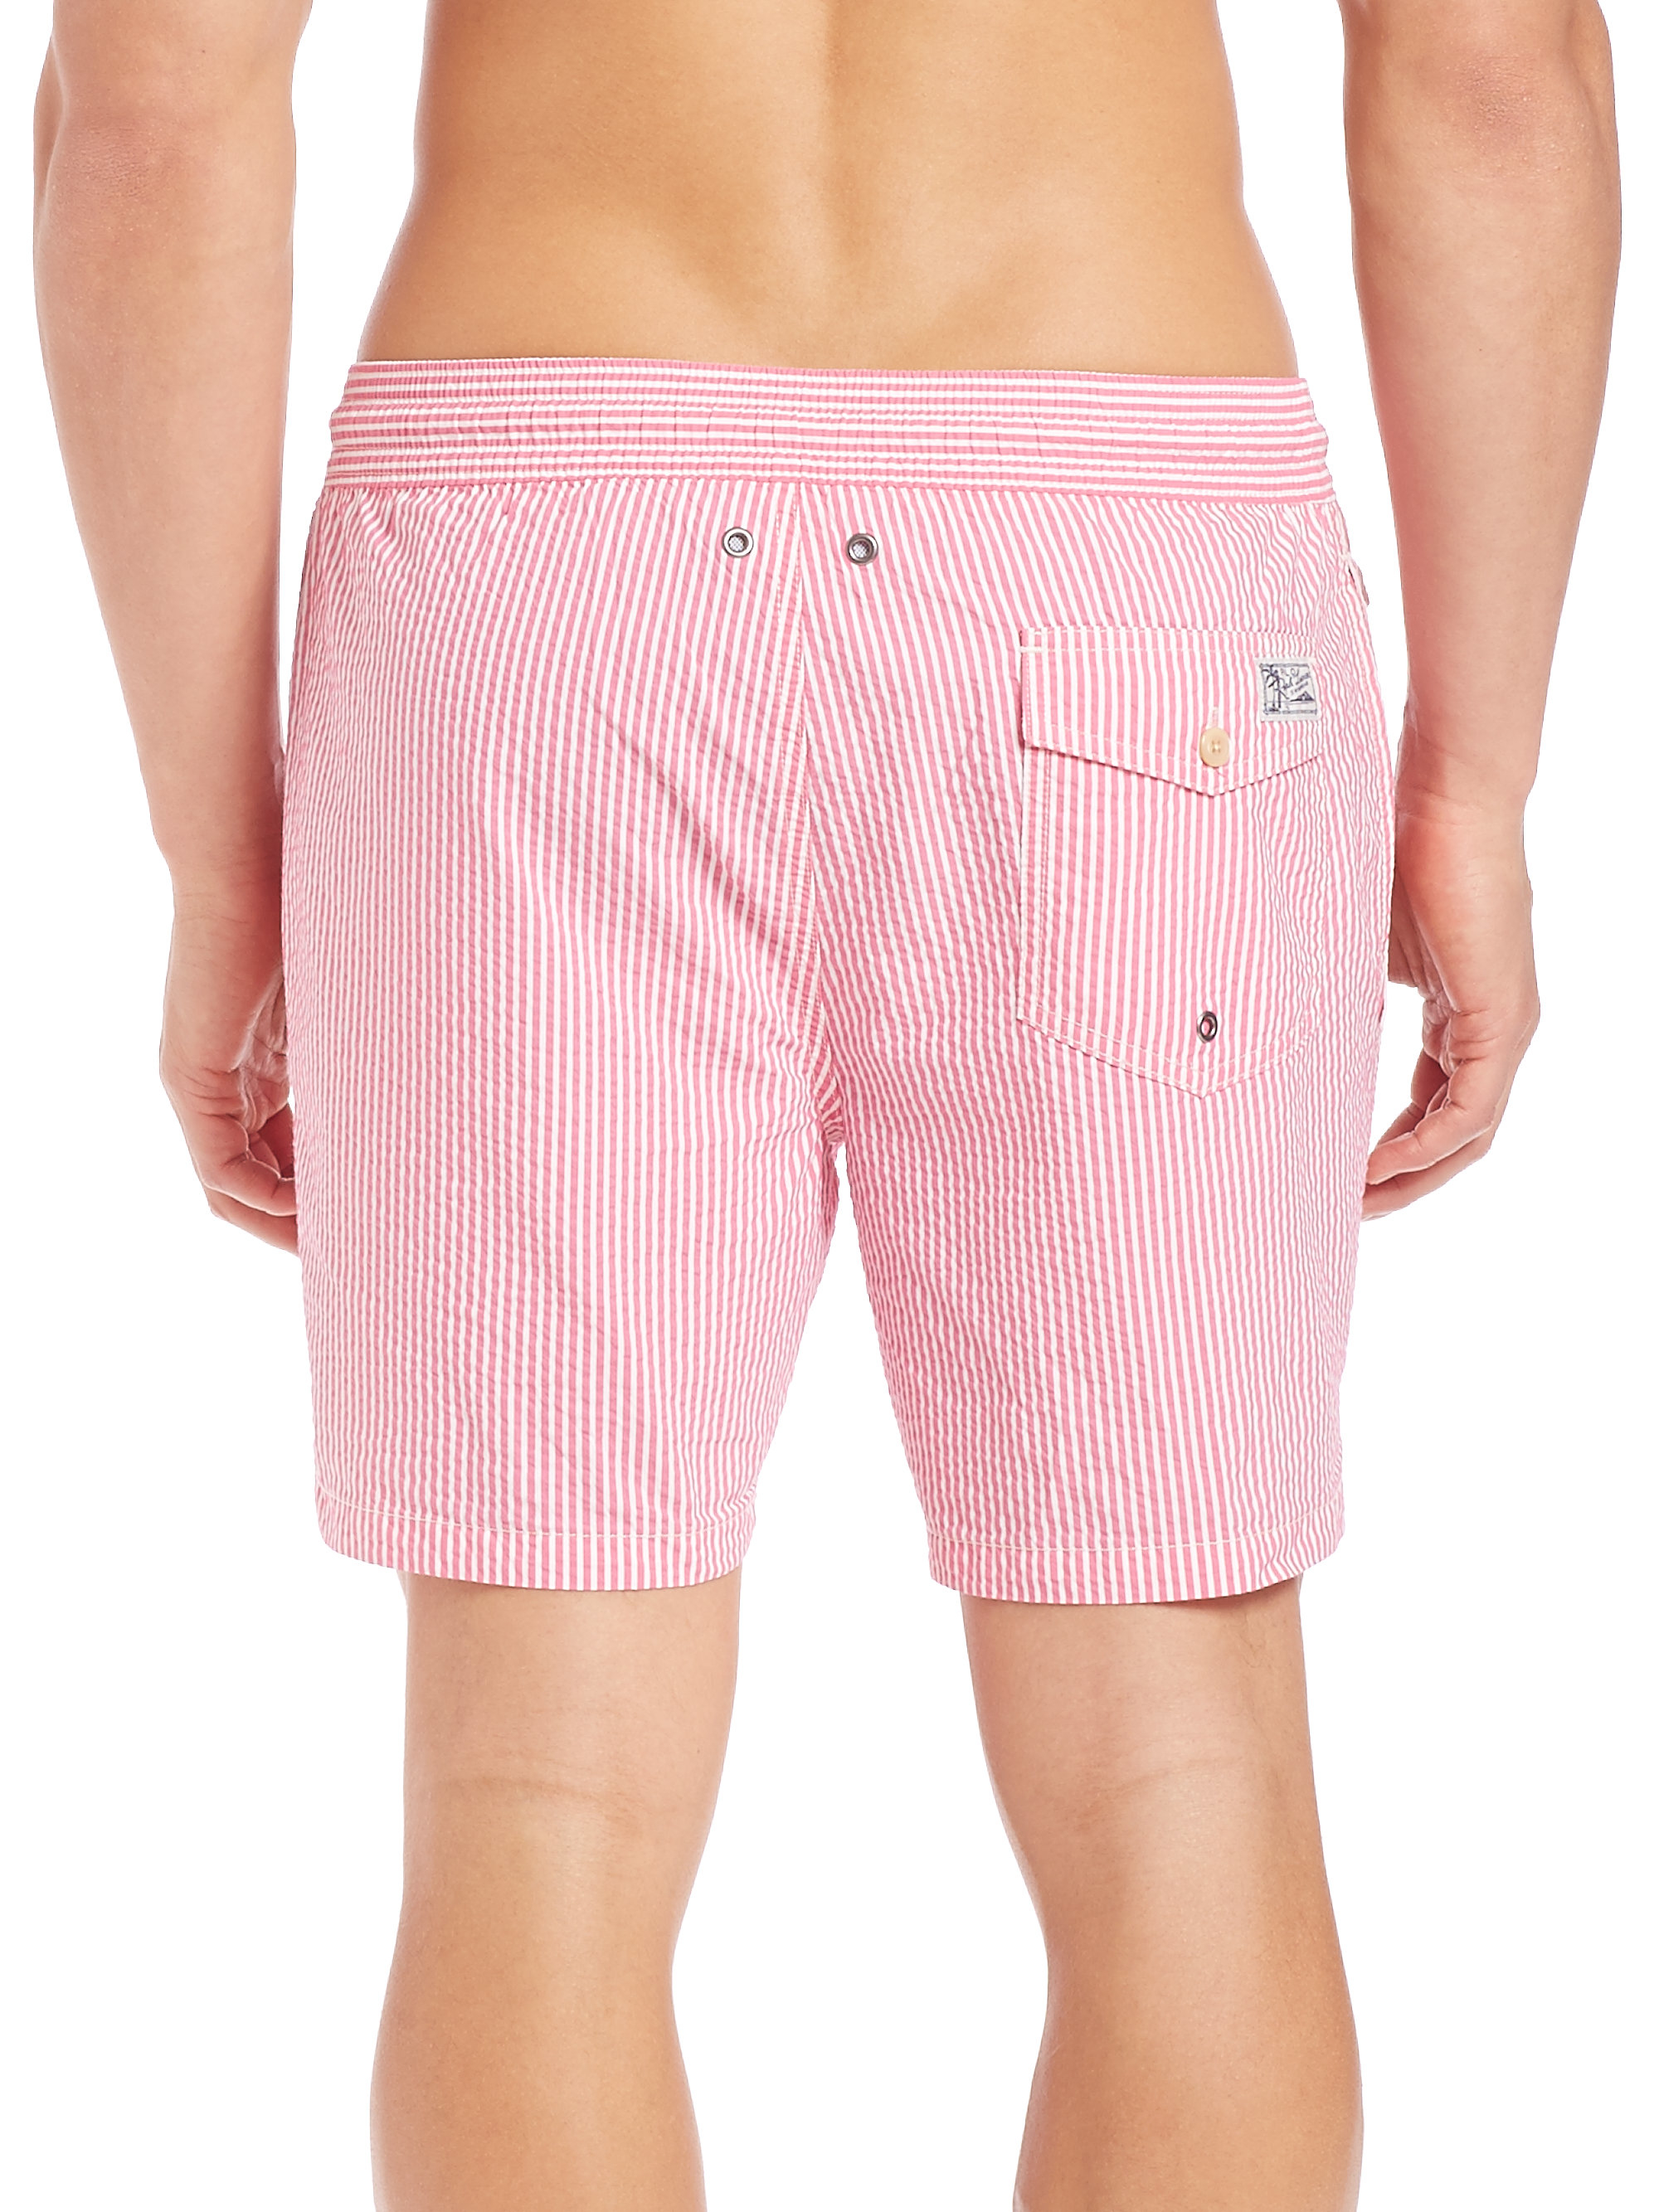 6f6ba7e9e Polo Ralph Lauren Seersucker Traveler Swim Shorts in Pink for Men - Lyst